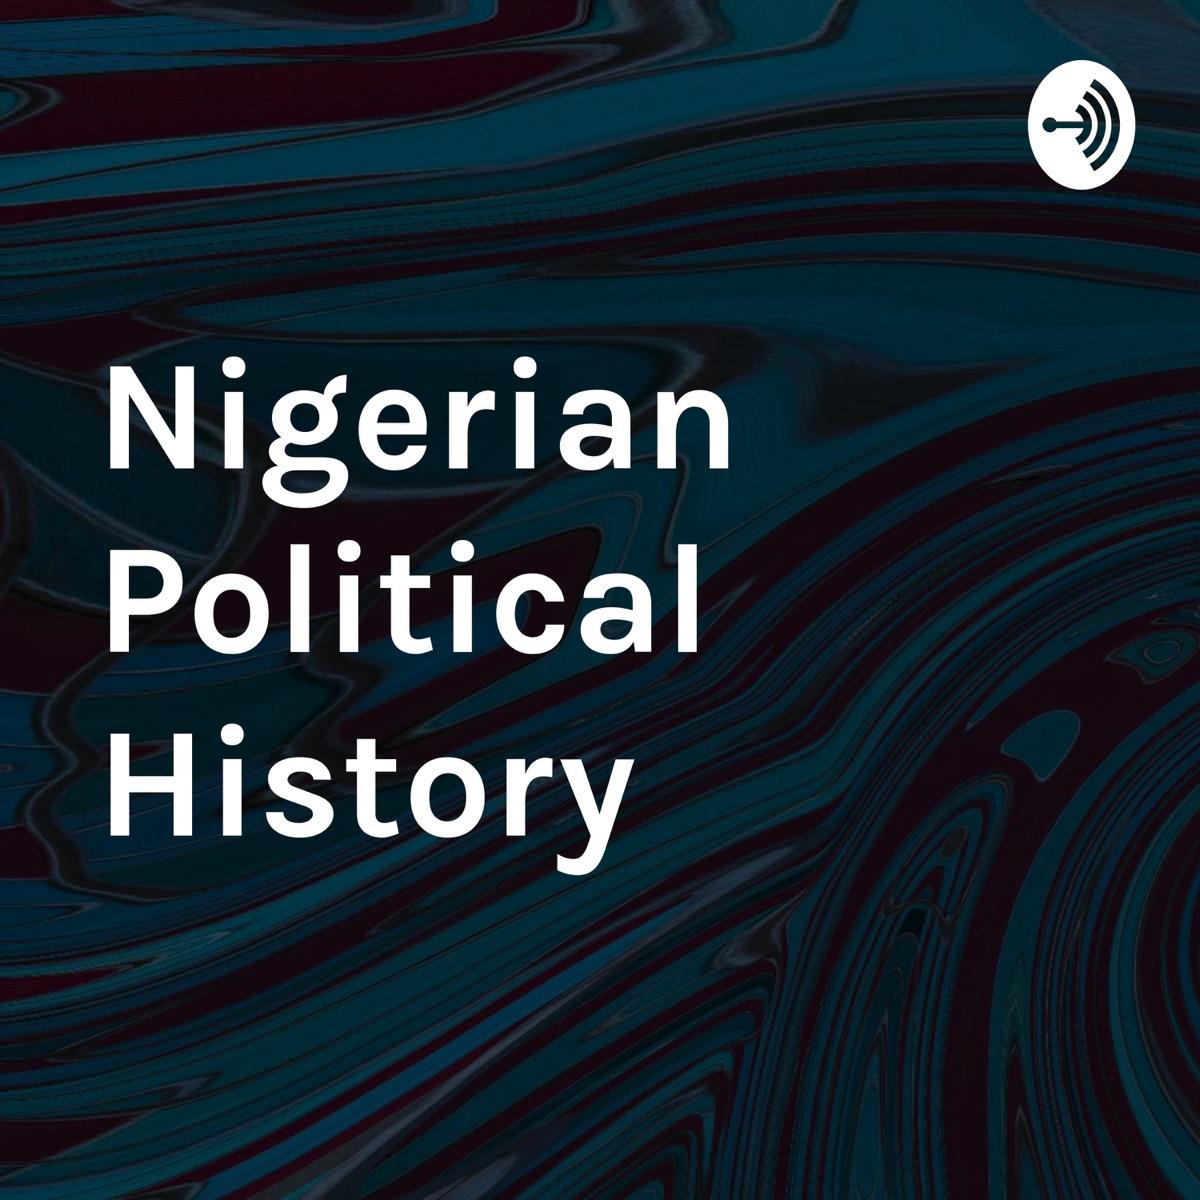 Nigerian Political History